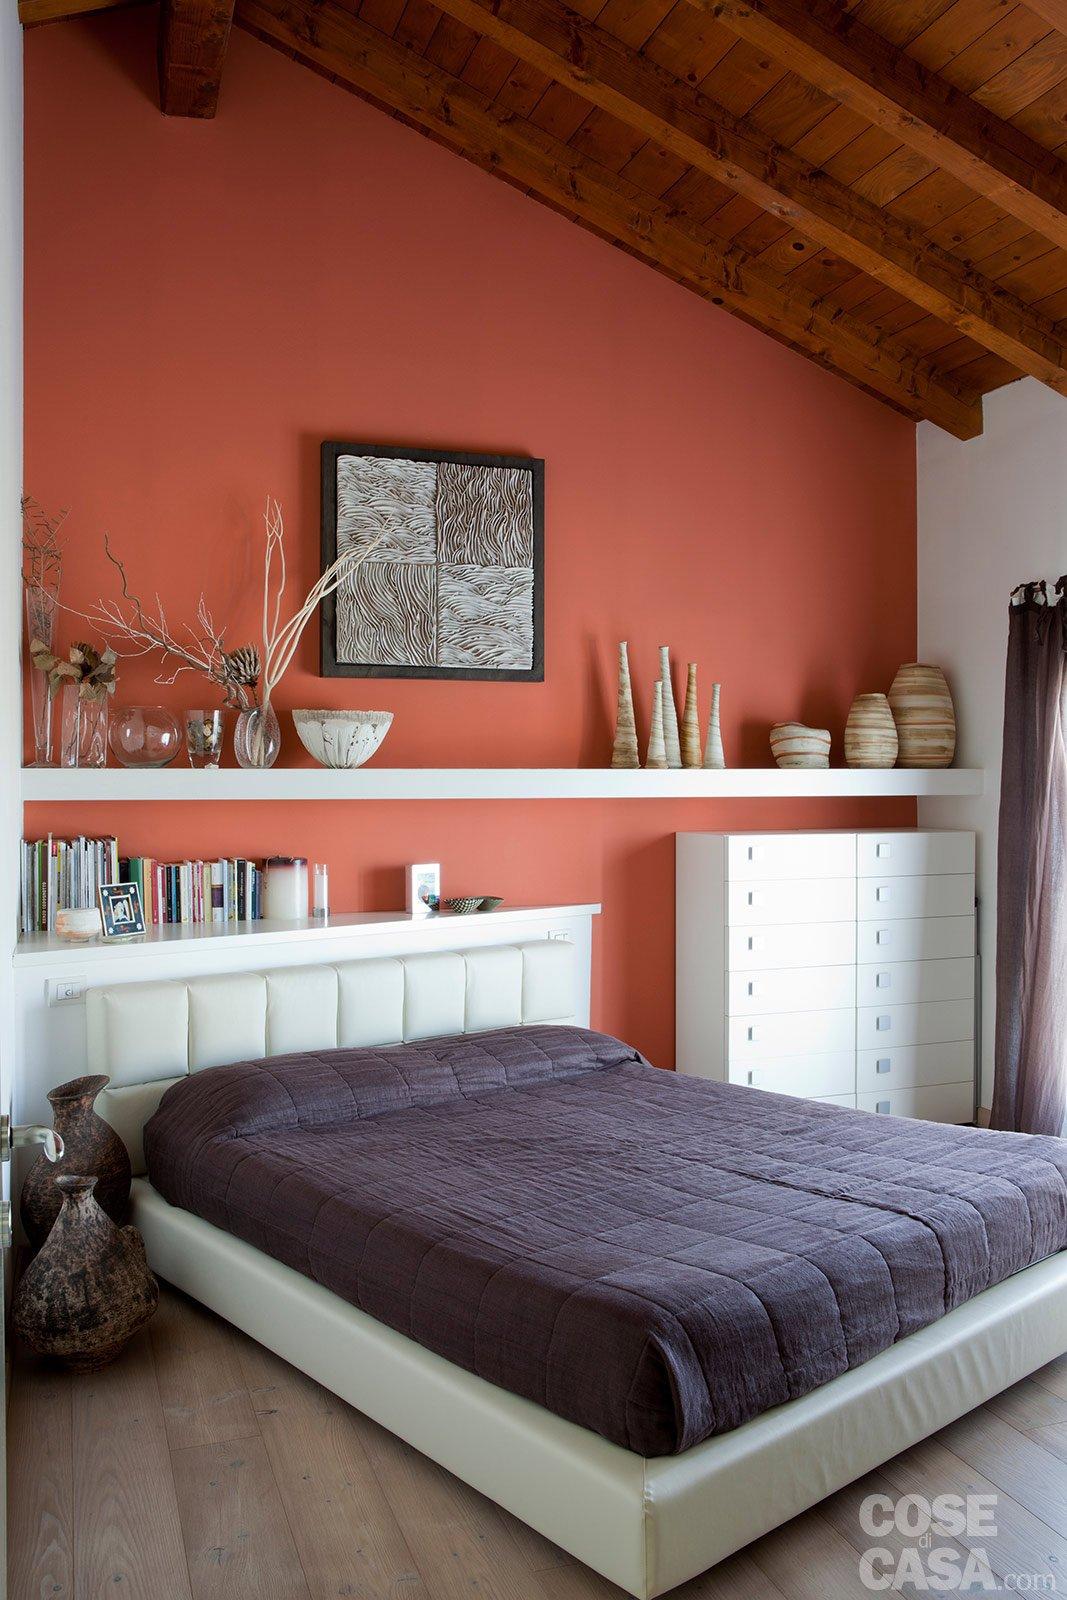 L 39 ex cascina diventa casa cose di casa for Piani e disegni di casa con 2 camere da letto